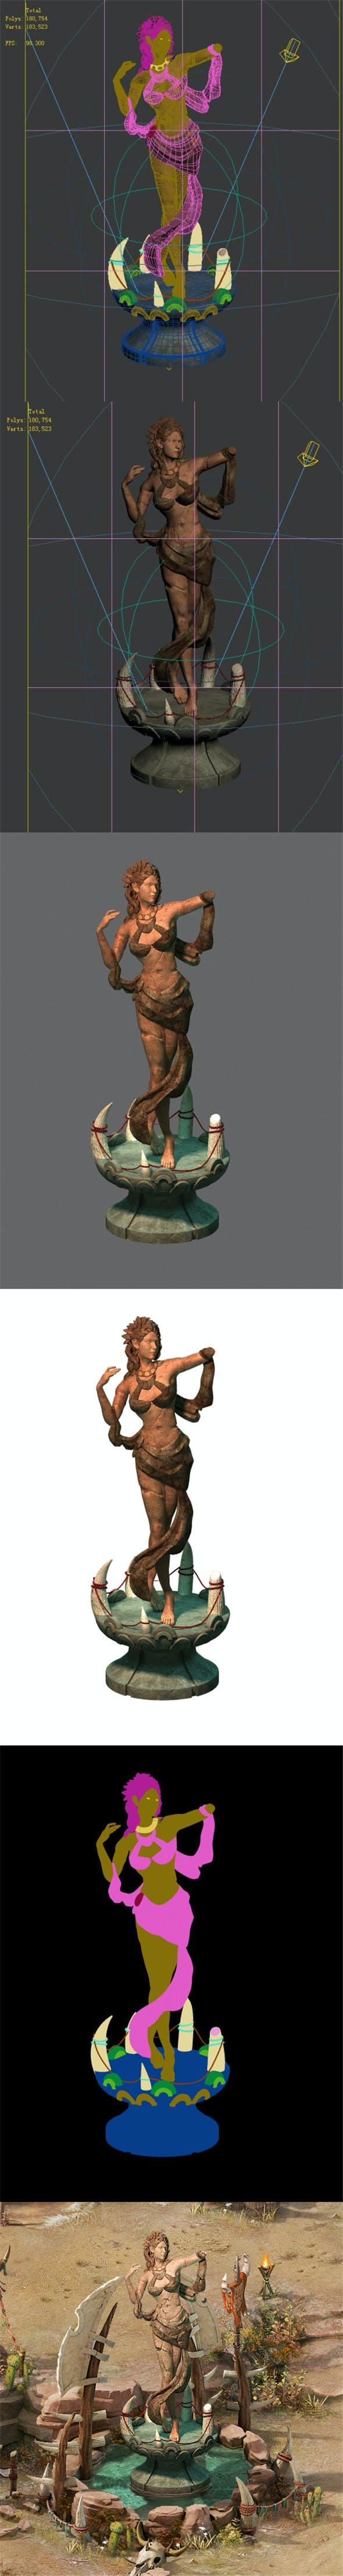 Forgotten tribe - harvest goddess broken stone - 3DOcean Item for Sale